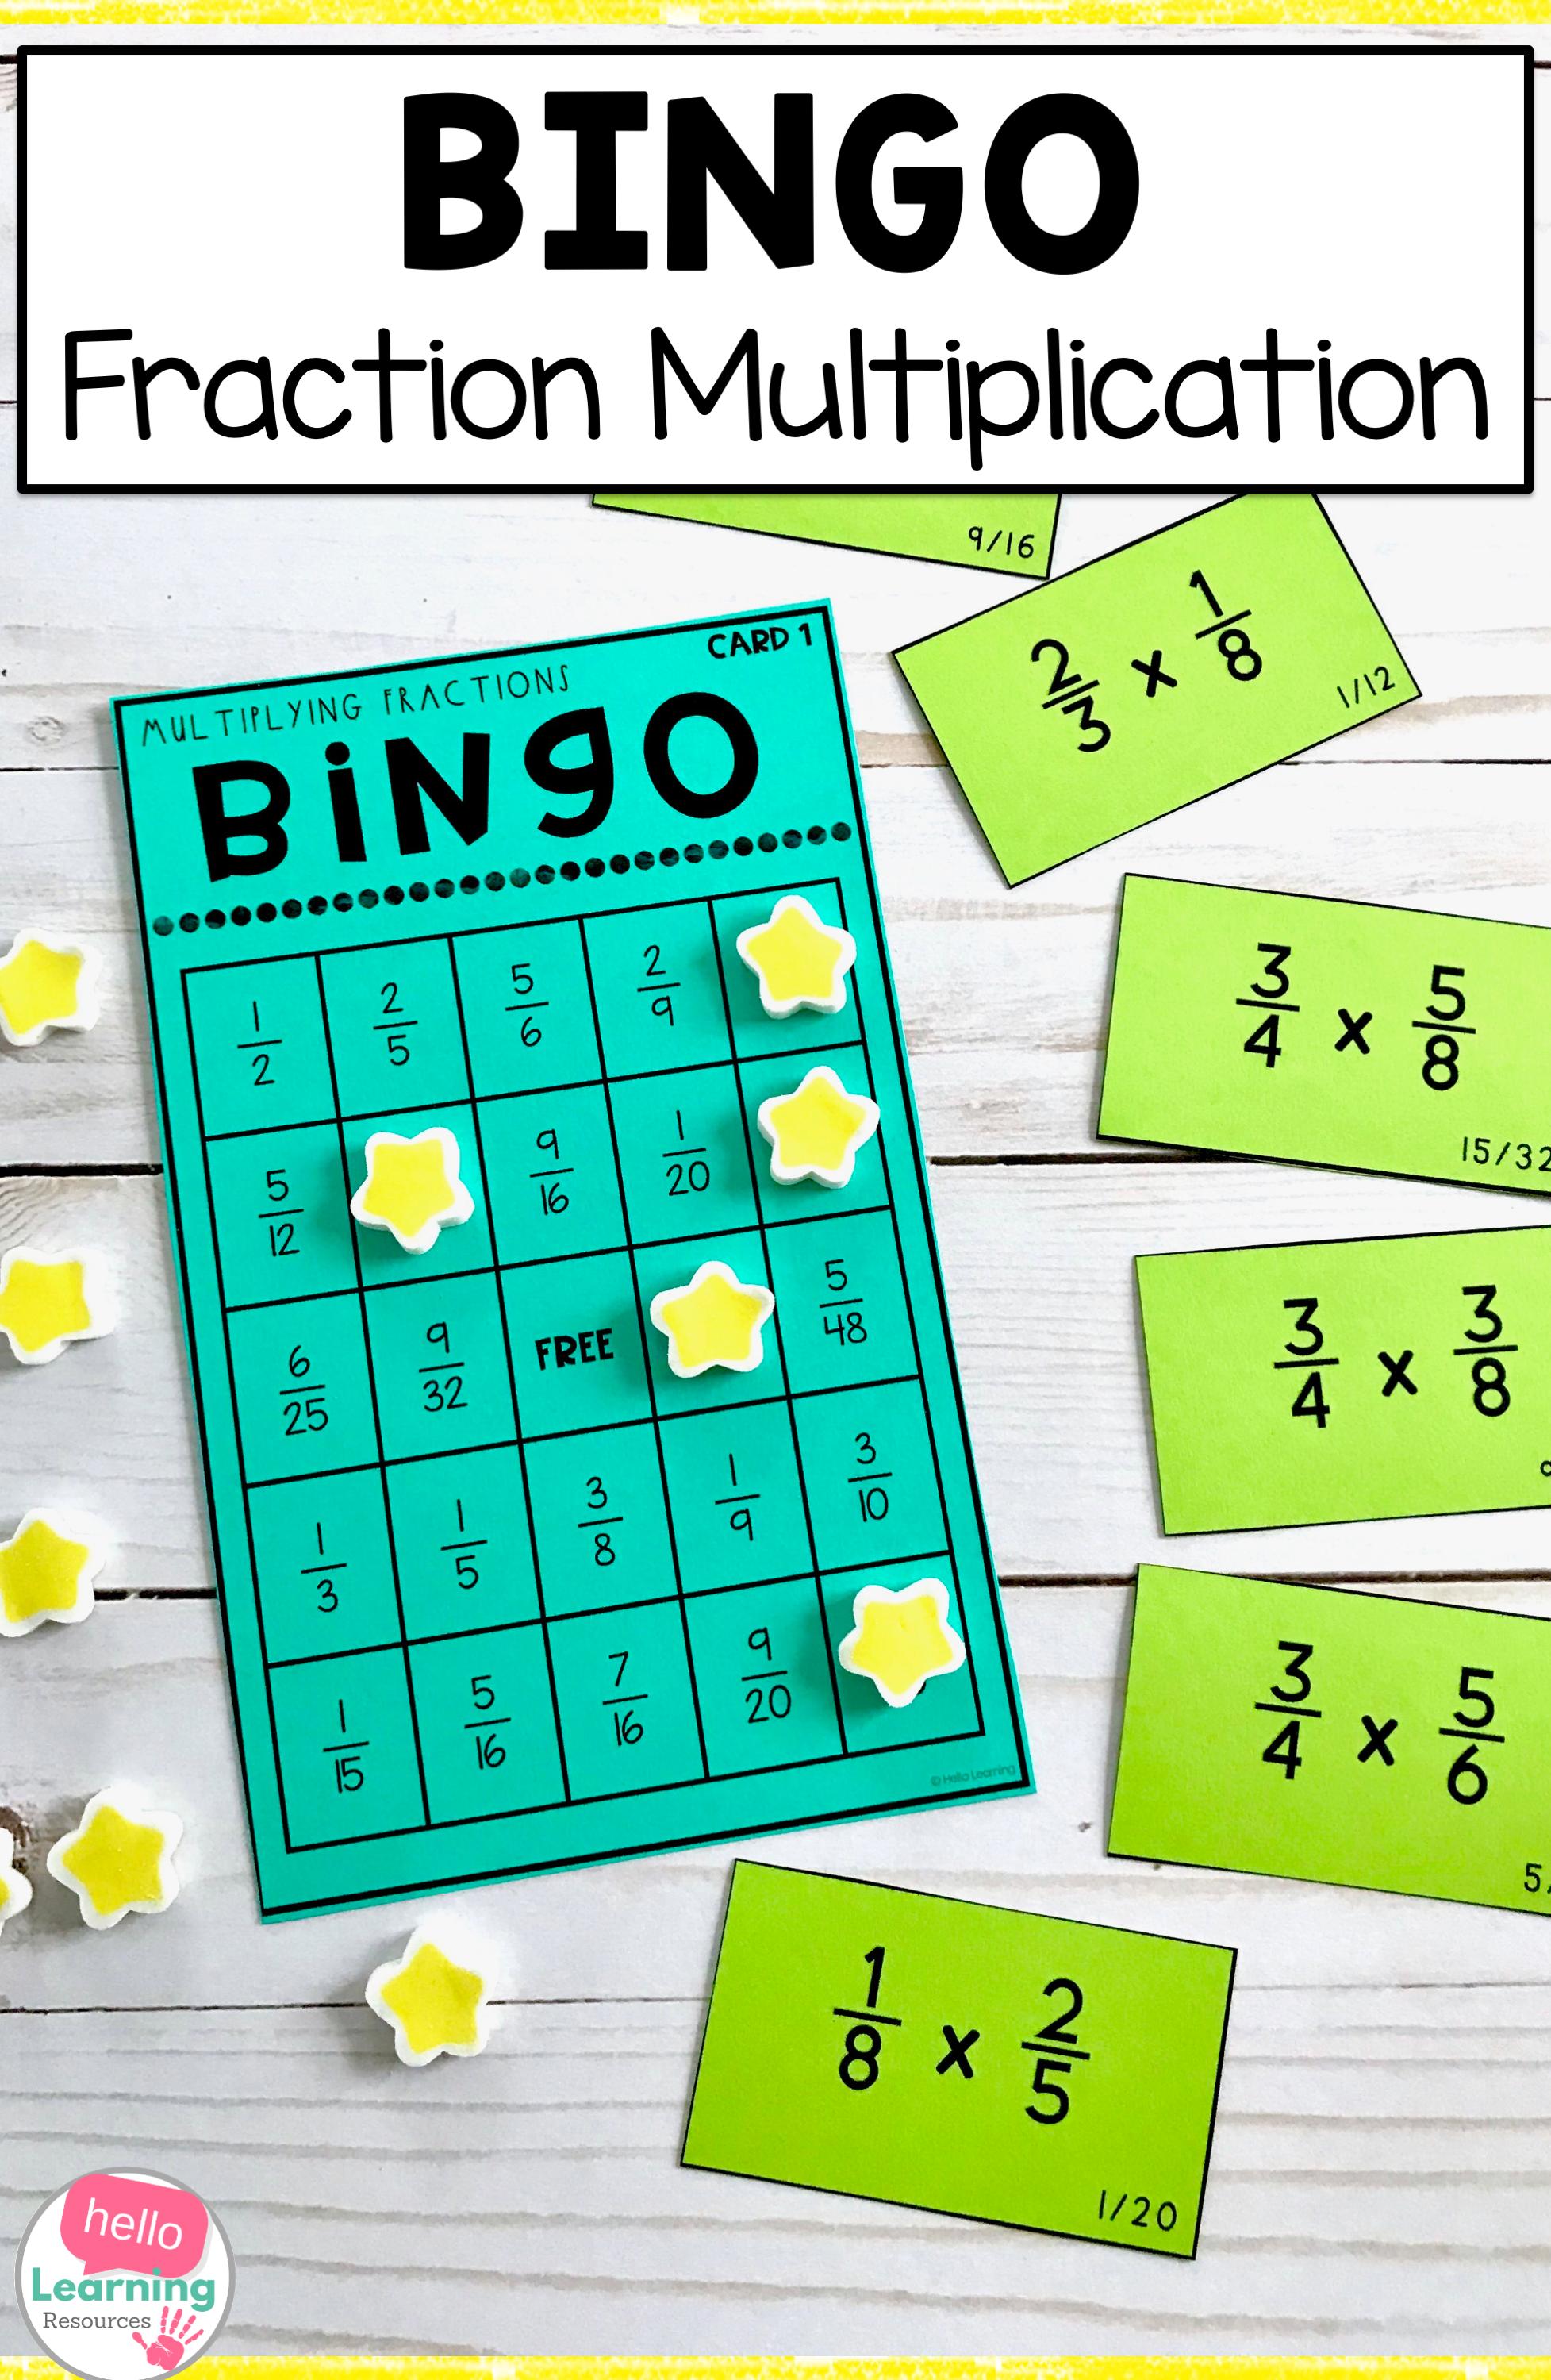 Multiplying Fractions Bingo Game In 2020 | Fractions